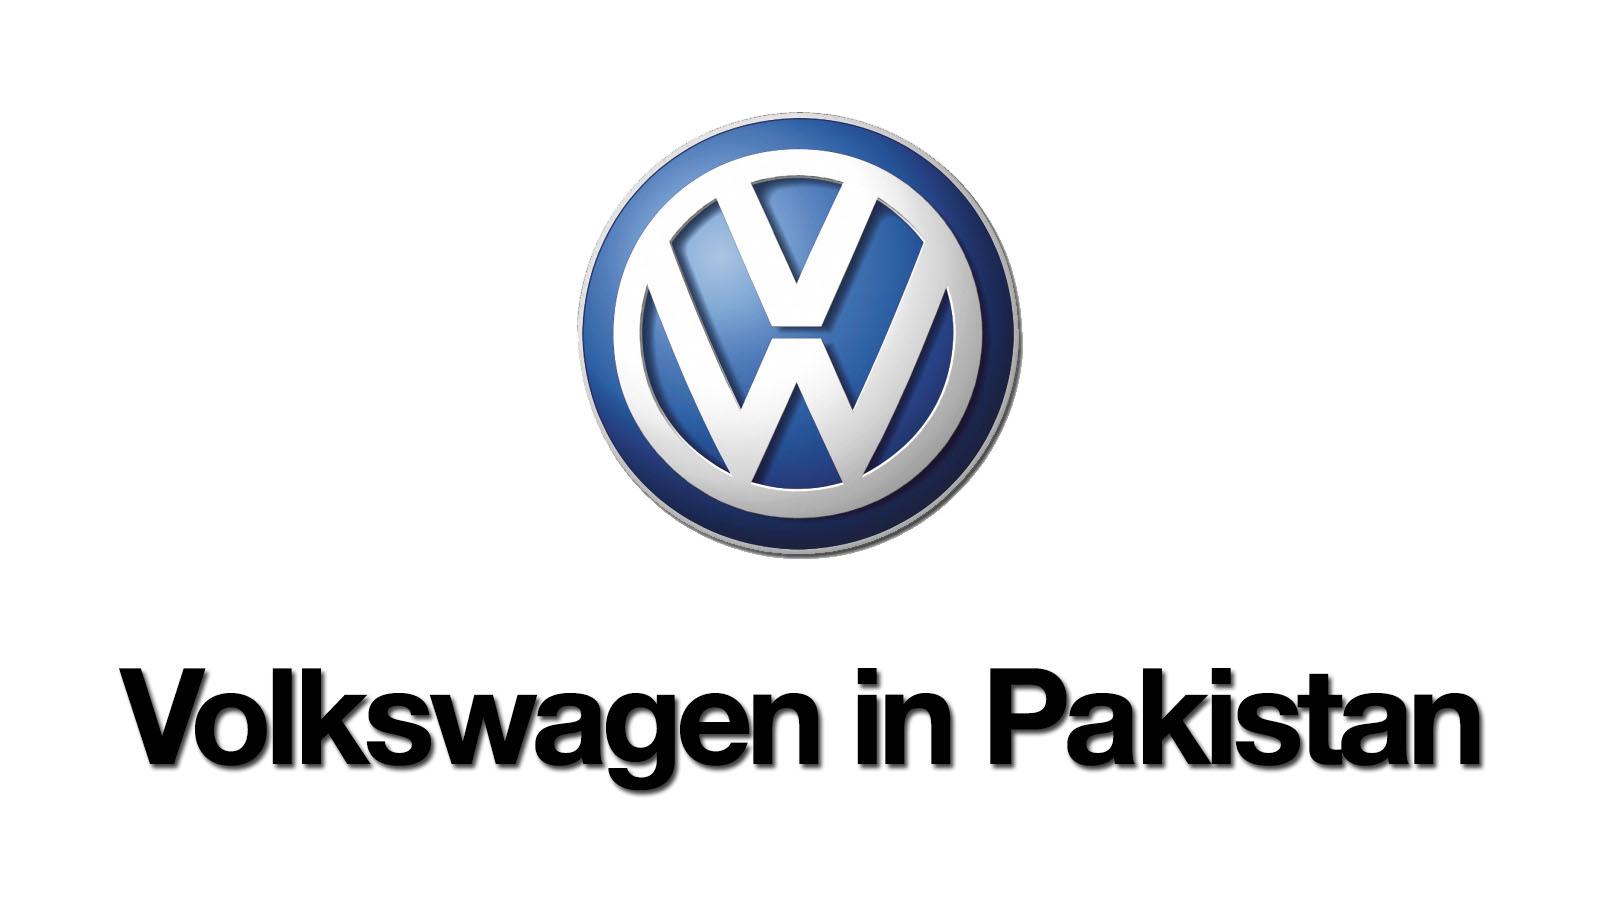 Volkswagen in Pakistan